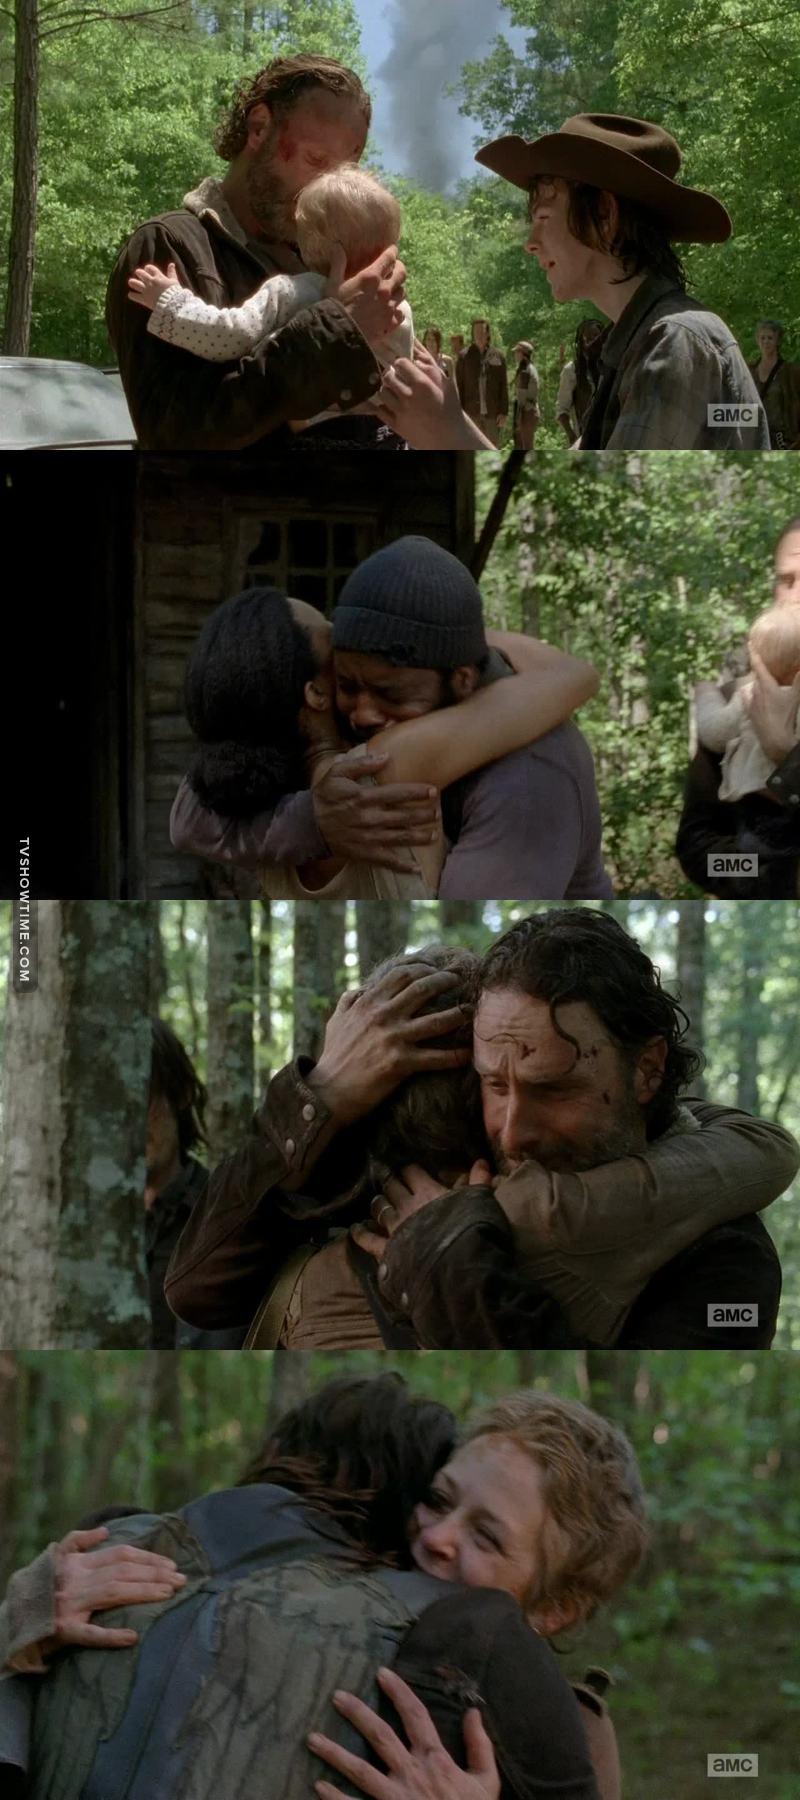 Les retrouvailles dans cet épisode m'ont donné des frissons. Elles font parties des meilleurs moments de la série. ❤️